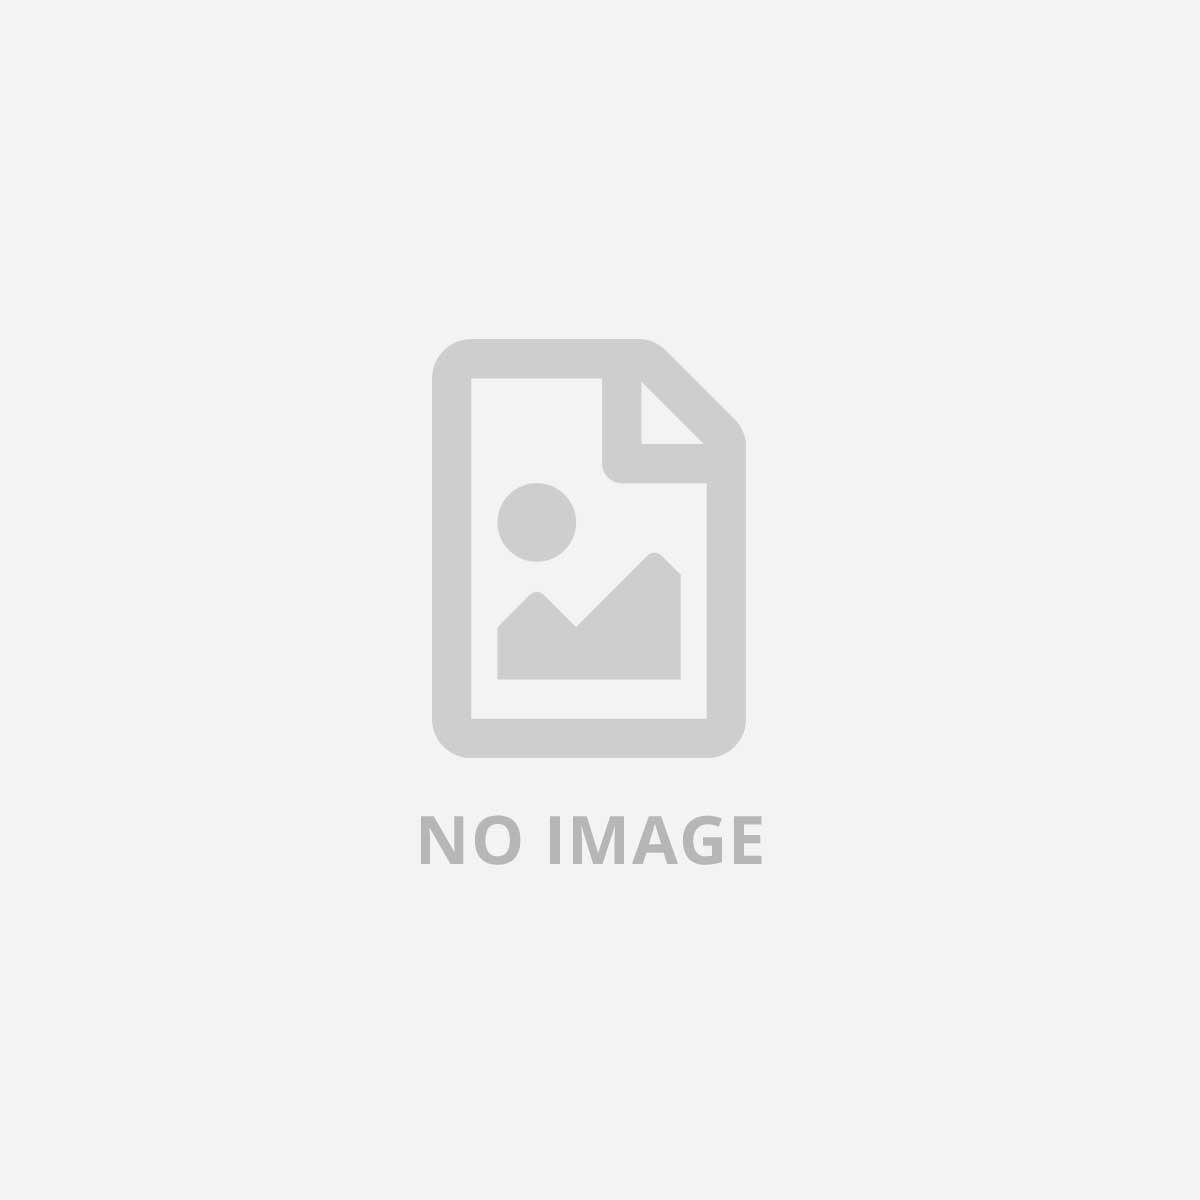 INTENSO HDD ESTERNO NERO 500GB 2.5P